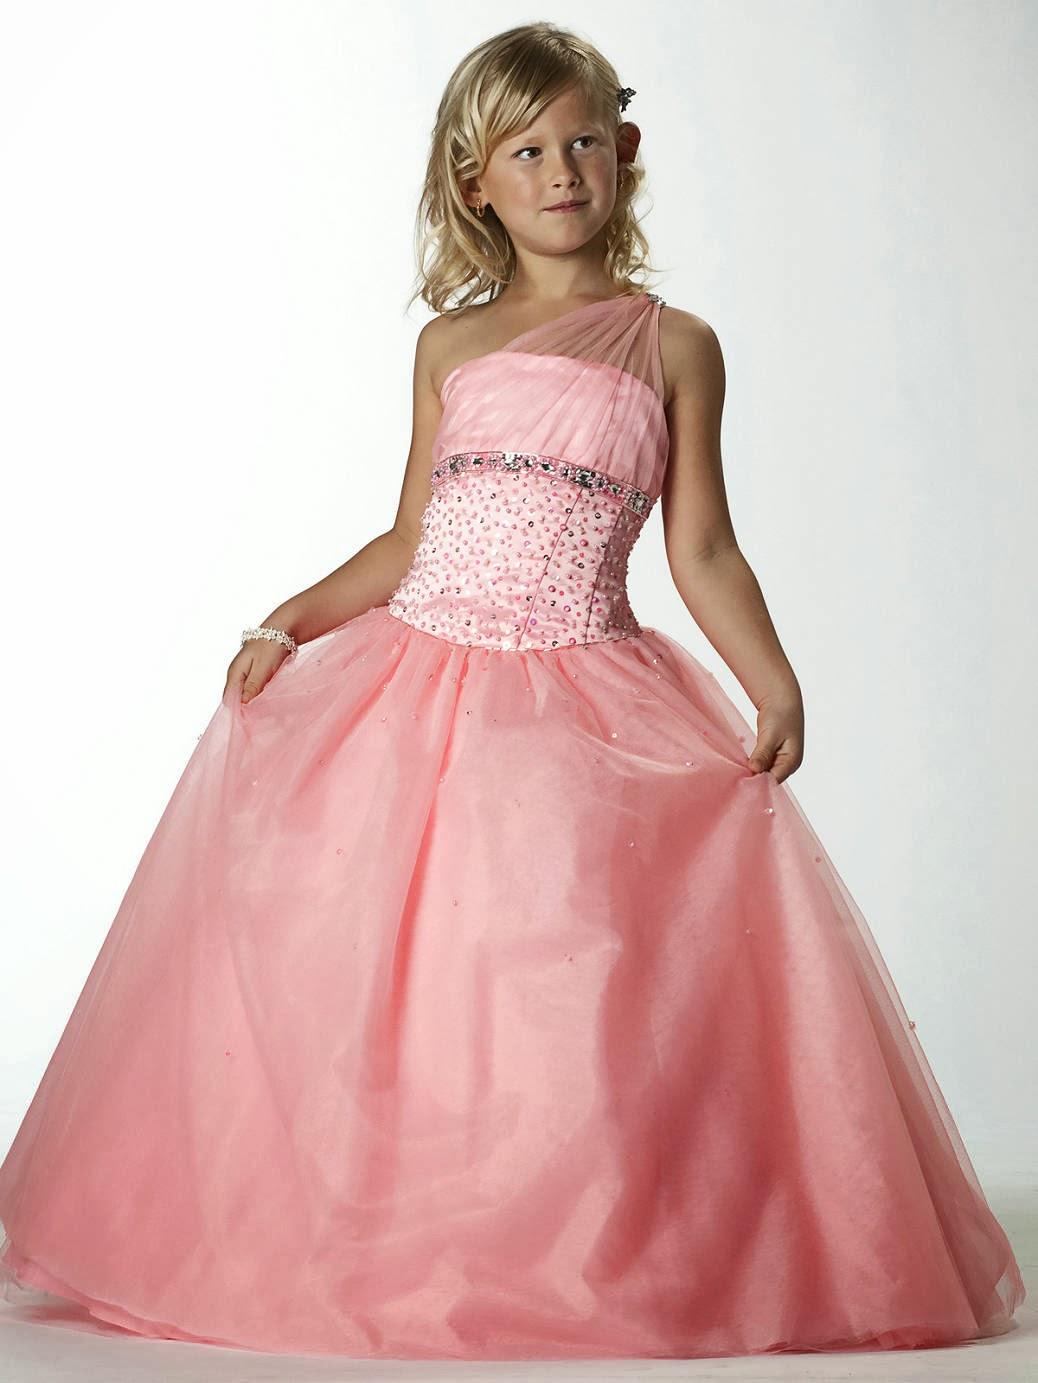 Increíble Dónde Puedo Conseguir Mi Vestido De Fiesta Por Encargo ...